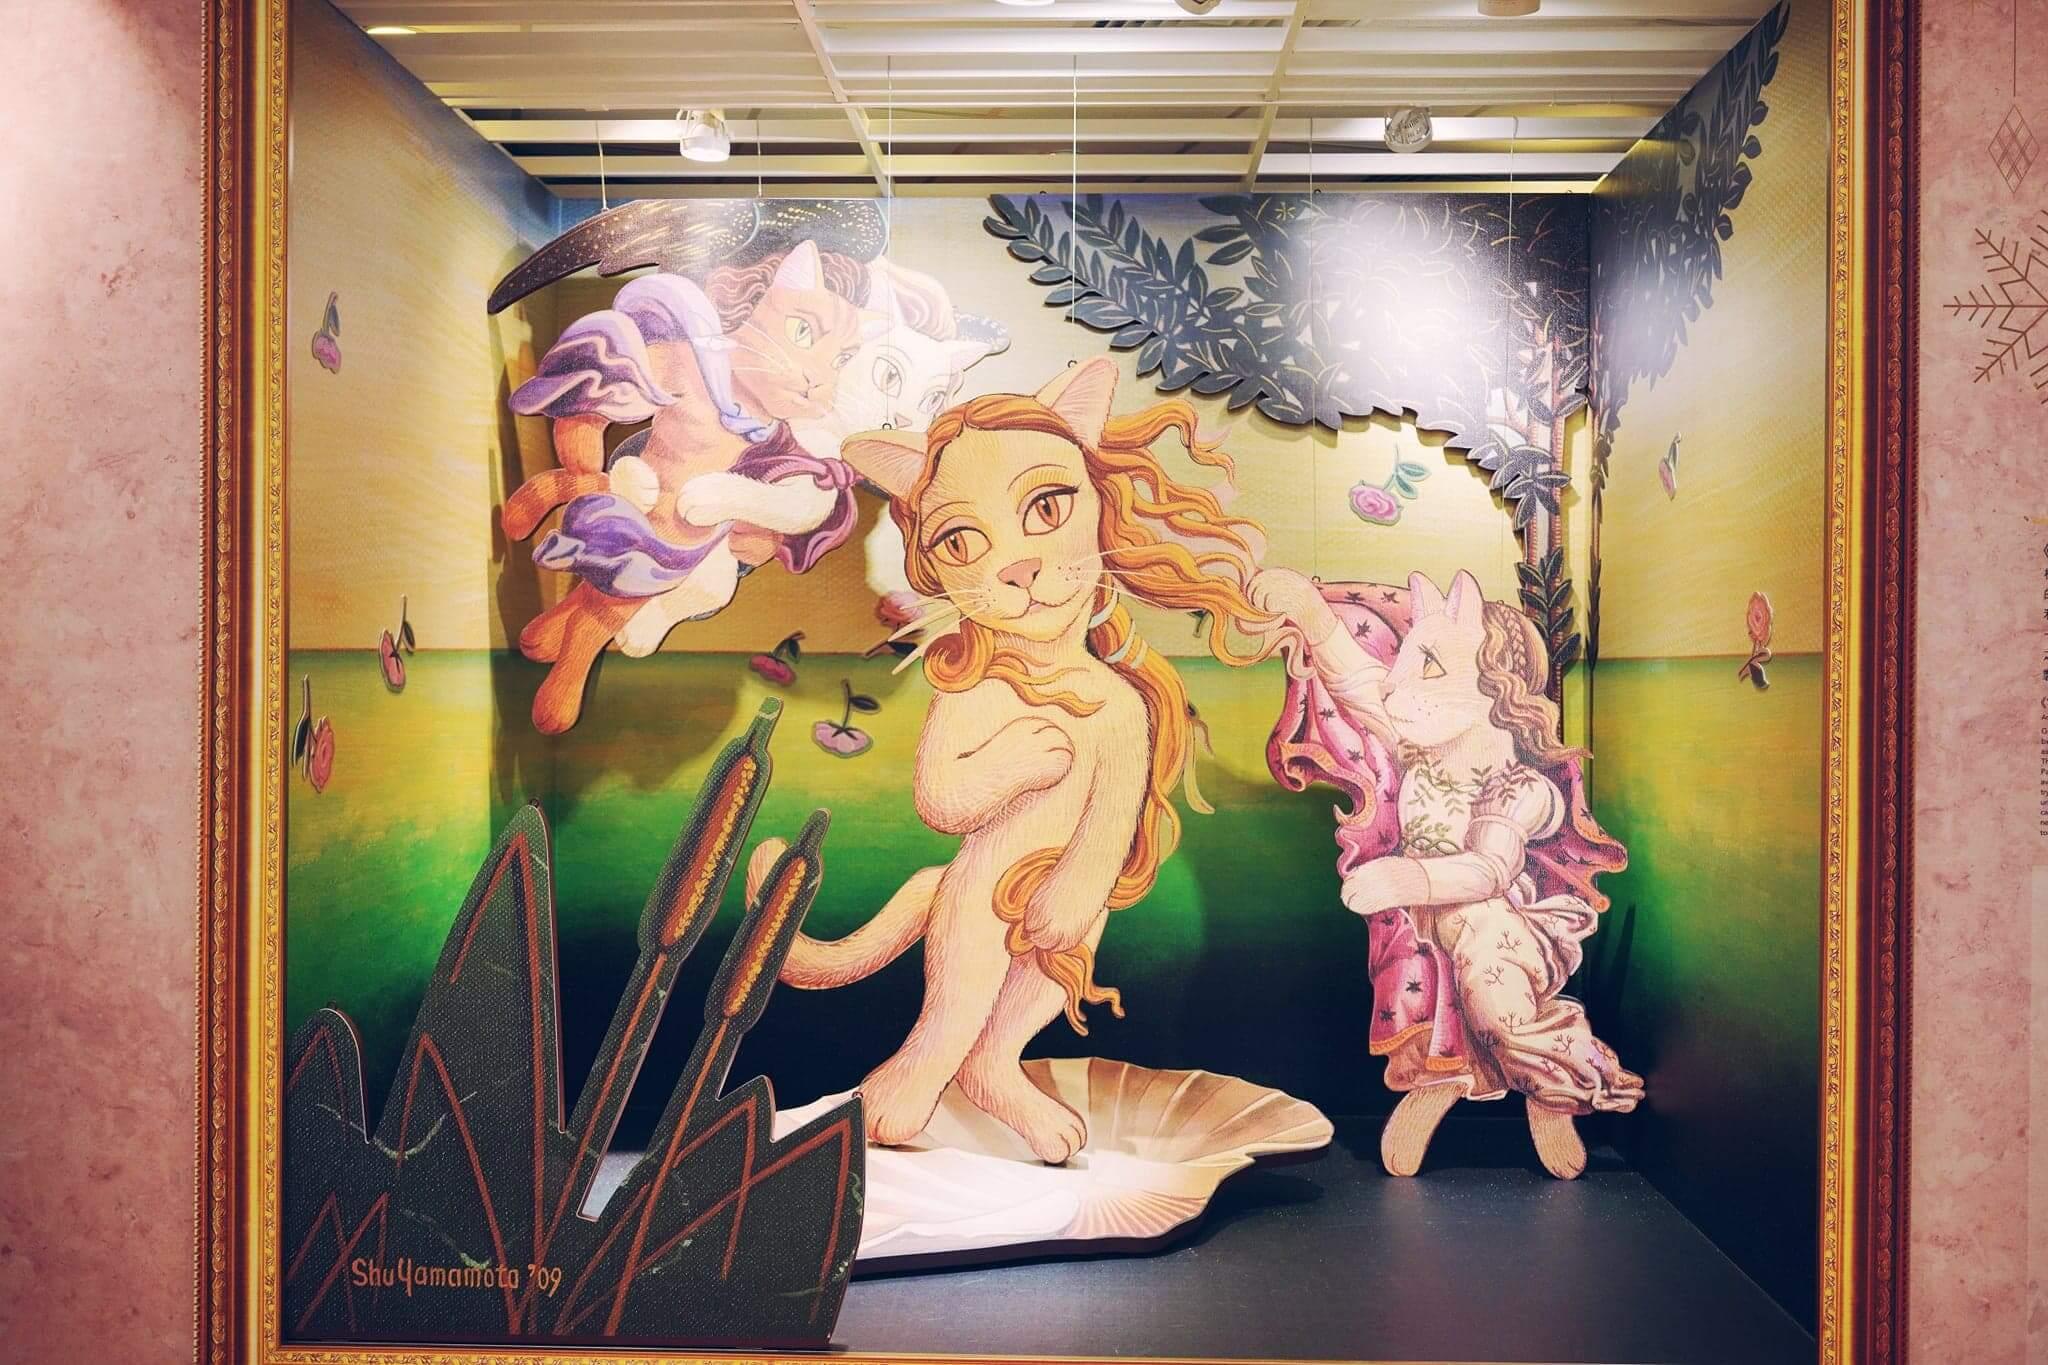 咖啡館旁邊有喵作《貓納斯的誕生》,可以與美神「貓納斯」共處一畫!